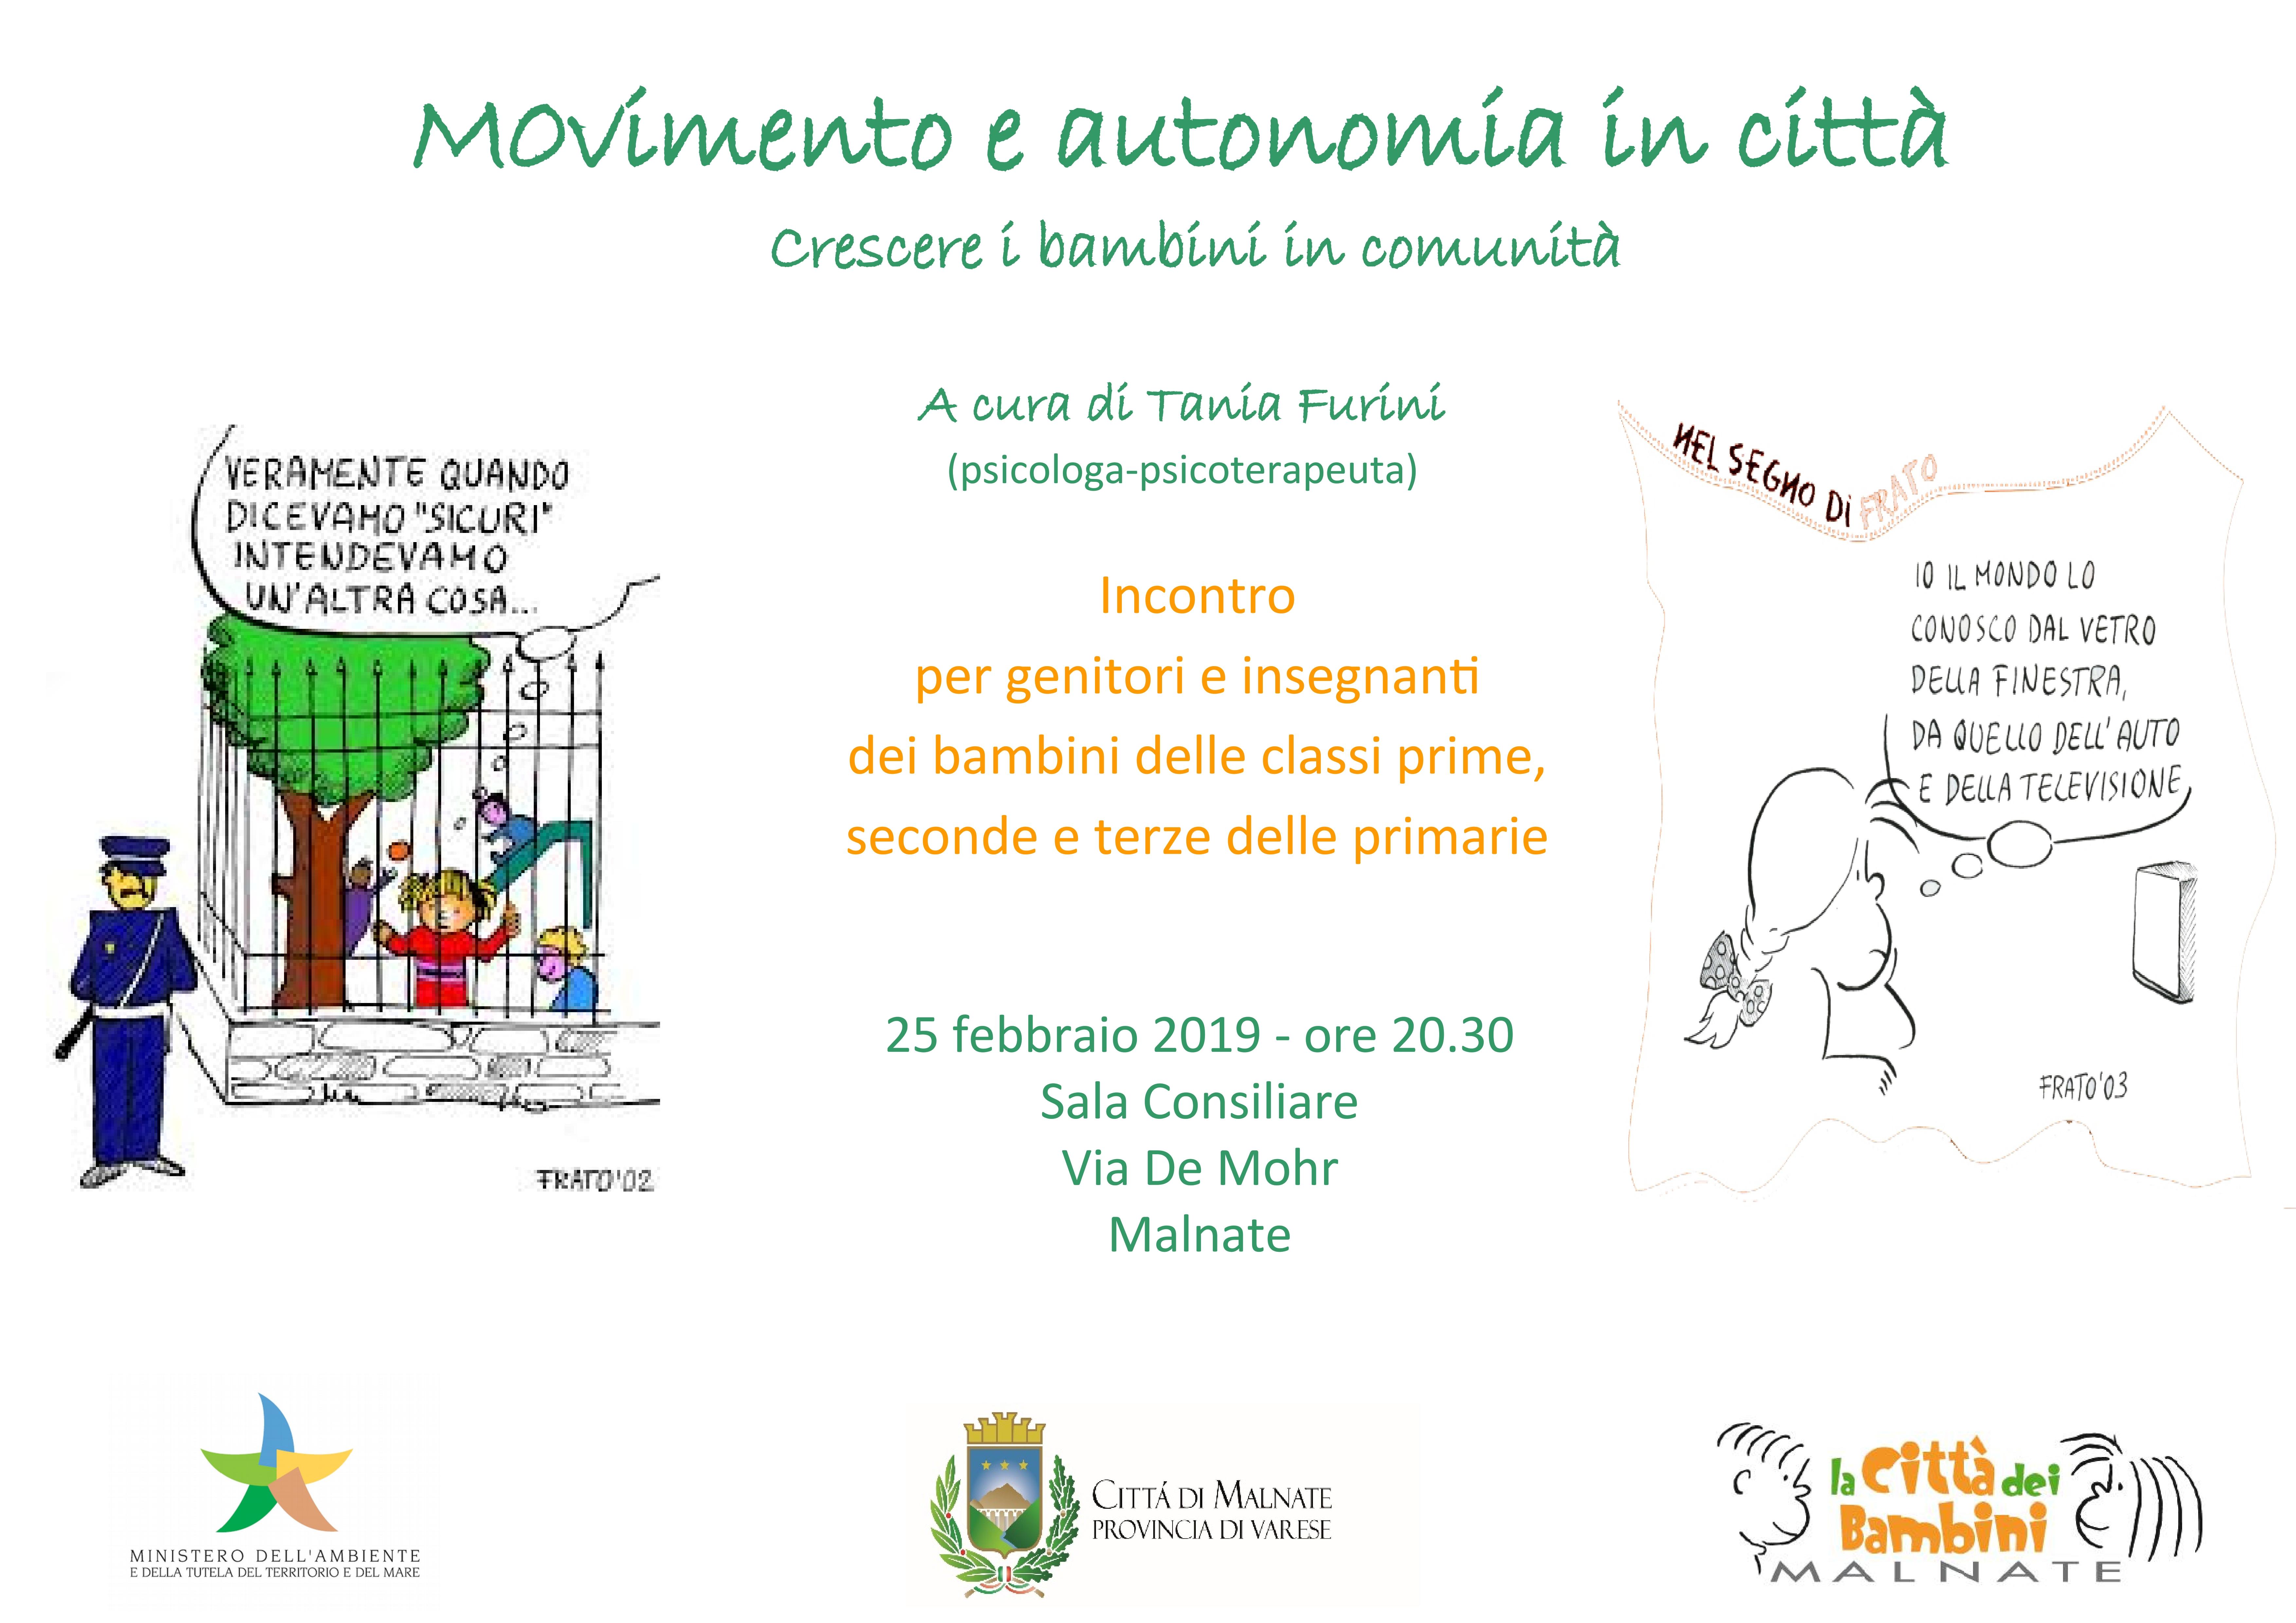 movimento e autonomia in città